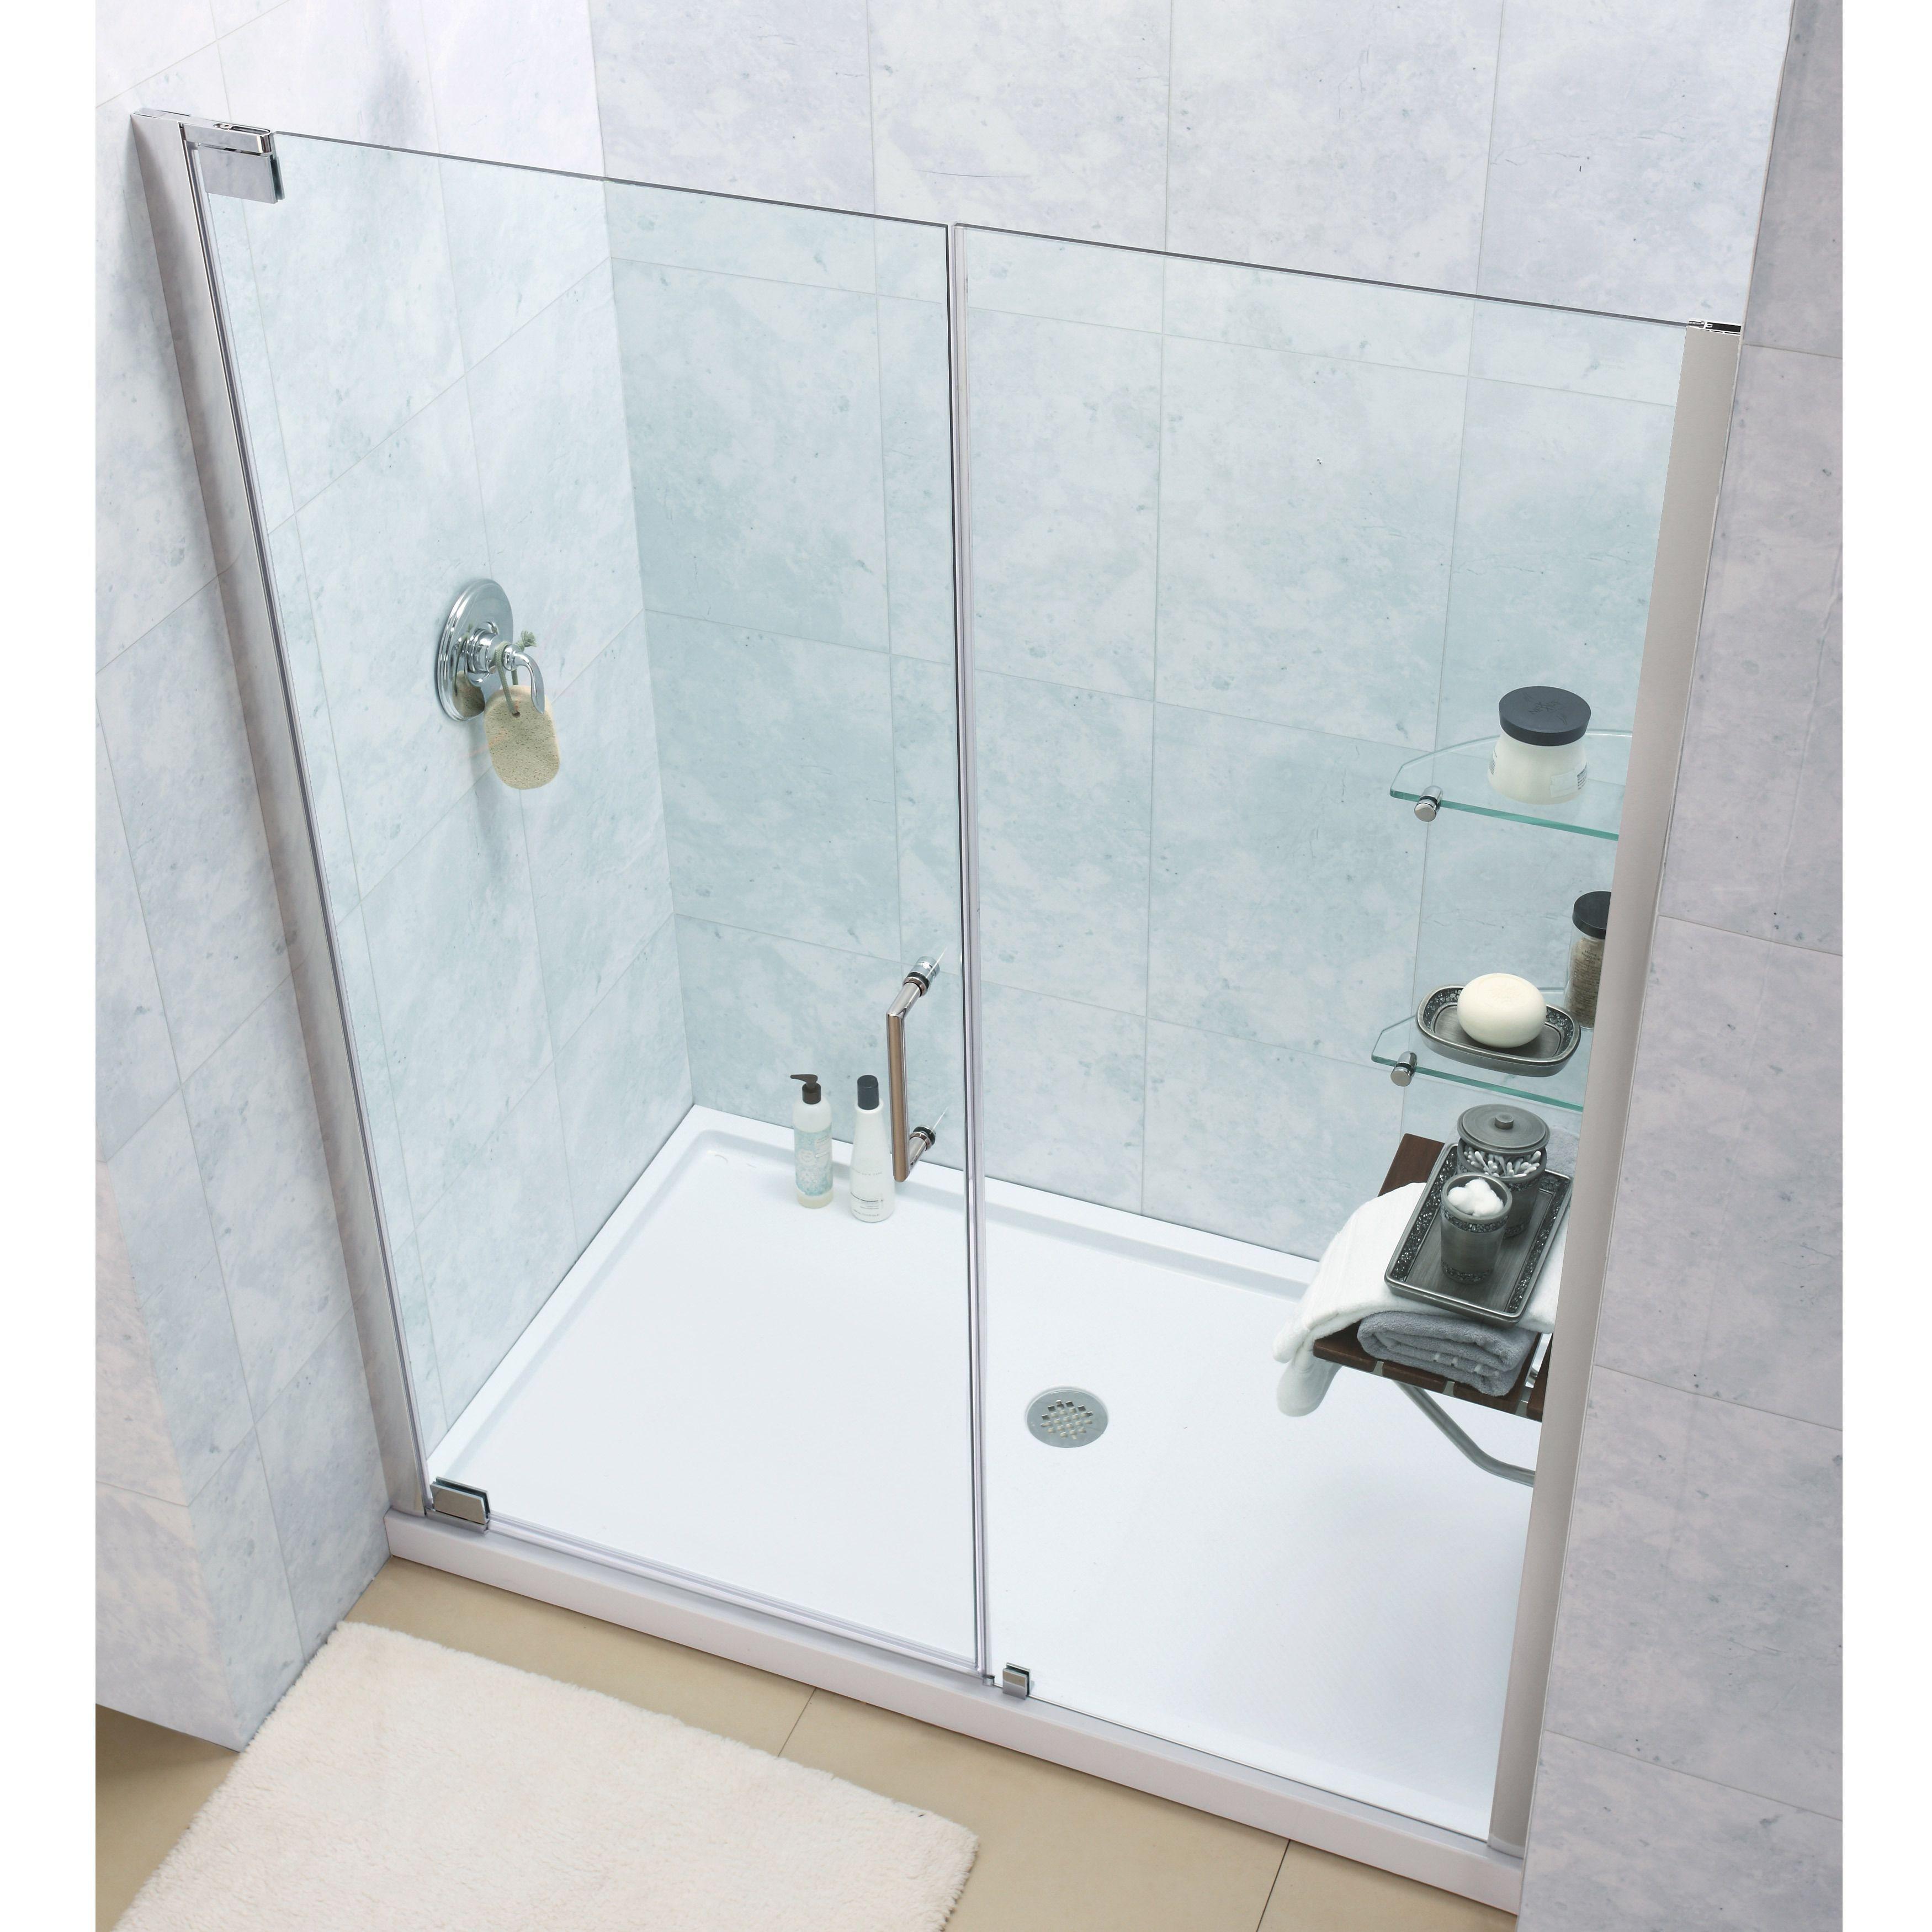 DreamLine Elegance Frameless Pivot Shower Door and SlimLine 30 x 60-inch  Single Threshold Shower